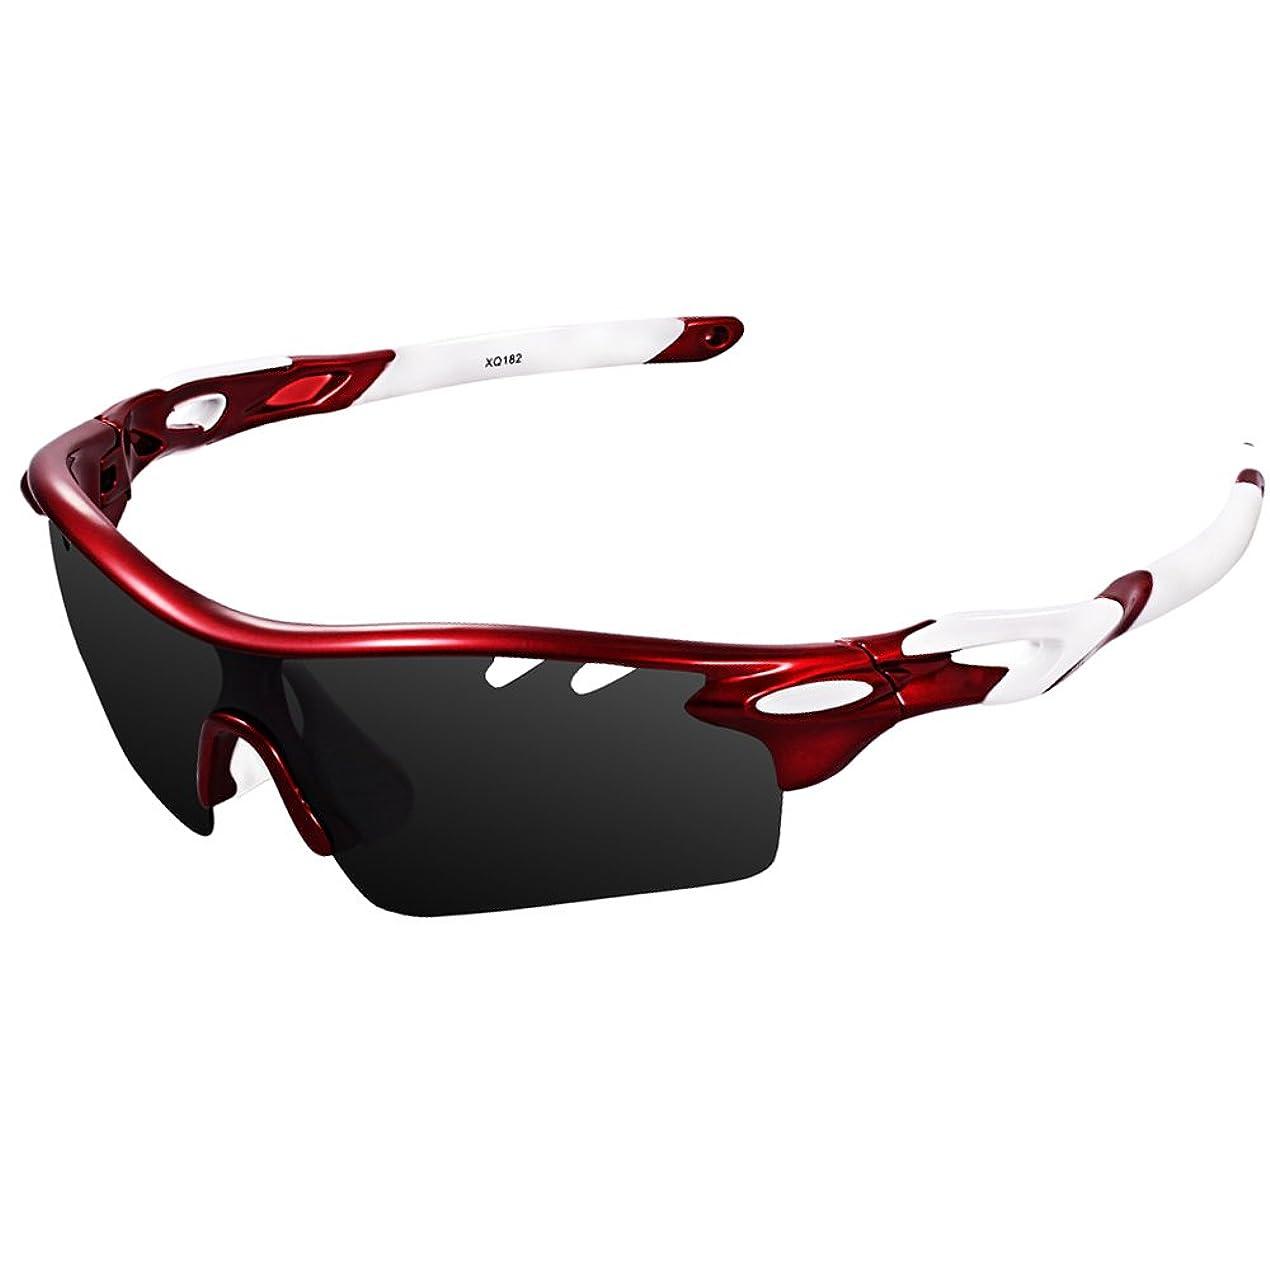 アセ事業そのようなEwin スポーツサングラス 偏光レンズ UV400カット 交換レンズ3枚 軽量 ユニセックス 紫外線防止 登山 ゴルフ 釣り 野球 ランニング レンズ交換可能 偏光サングラスセット